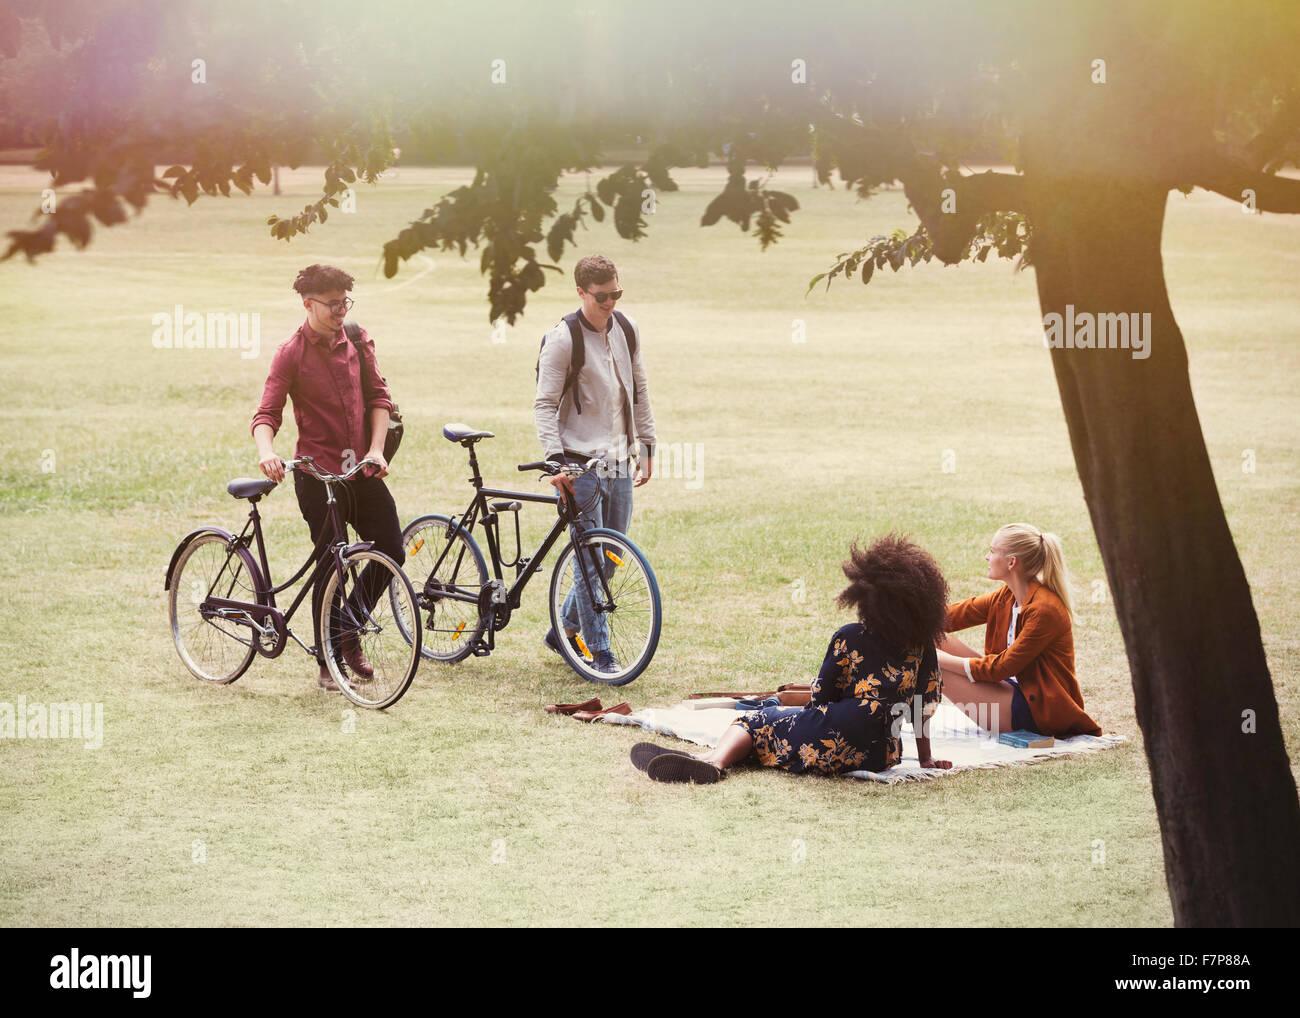 Los hombres con bicicletas acercando las mujeres sobre una manta en el parque Imagen De Stock